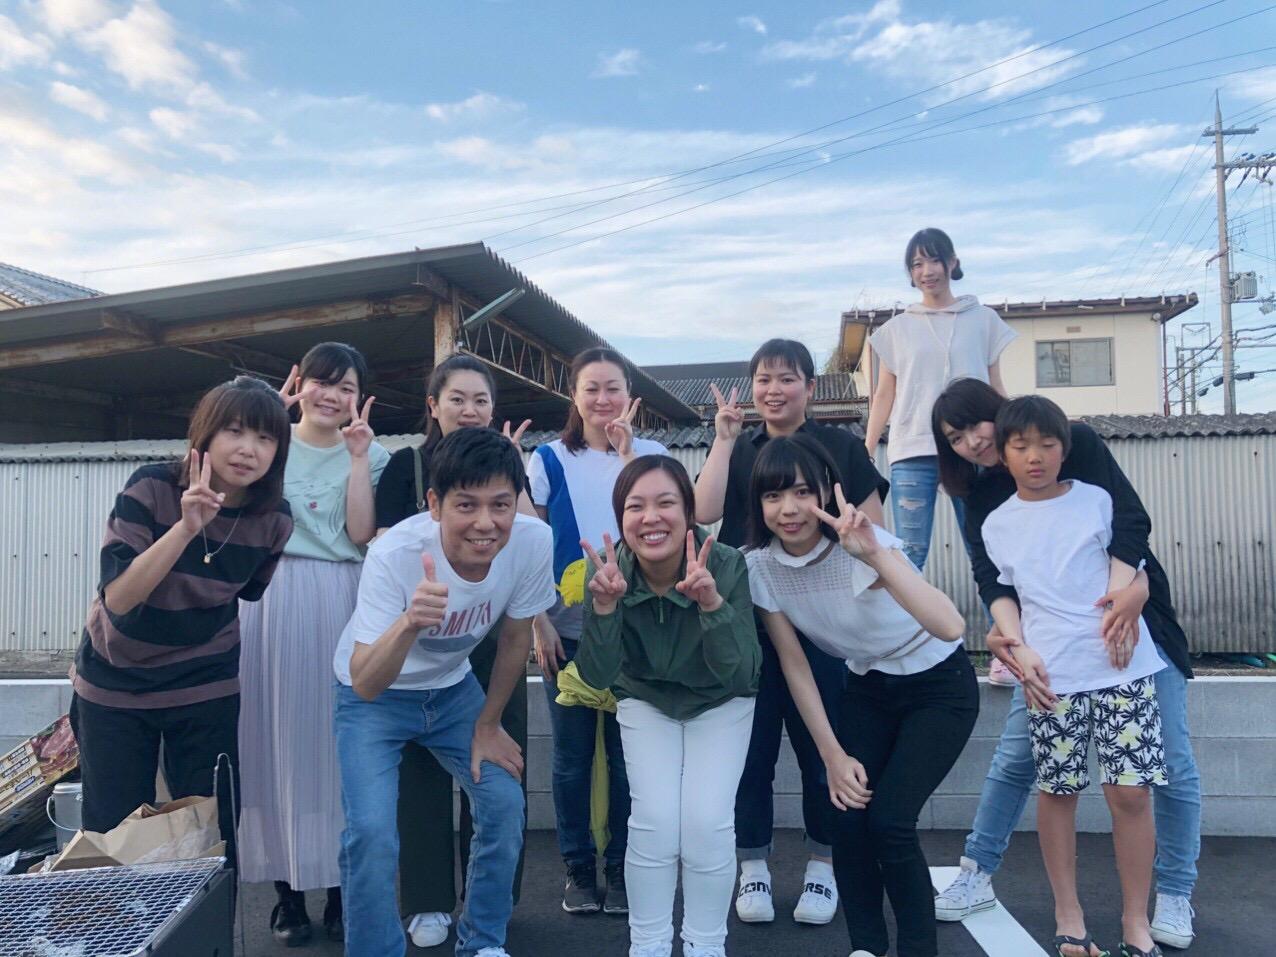 先生のお誕生日会と西川さんの卒業式のイメージ